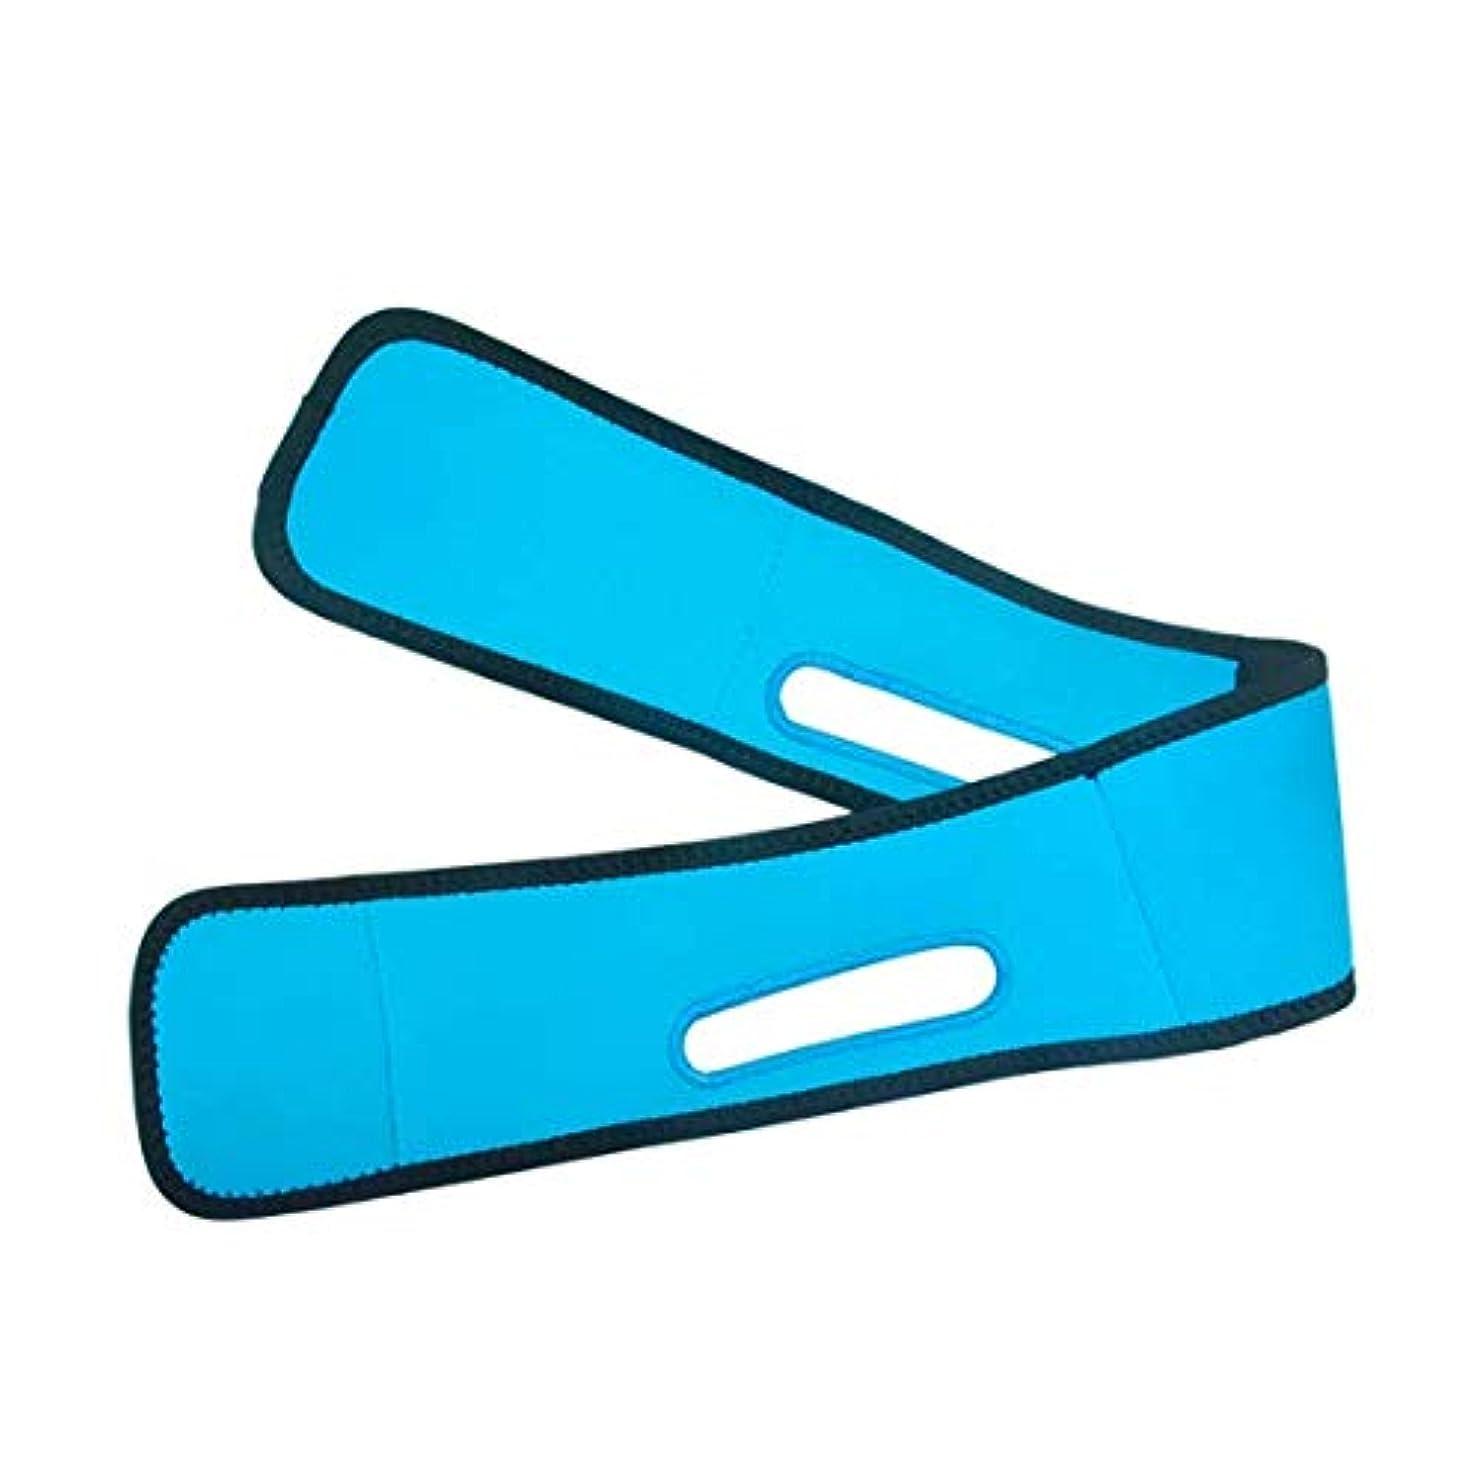 リスキーなストレッチ兄スリミングベルト、フェイスマスクVフェイスアーティファクトマッサージマスクで顎の筋肉の収縮を強化し、Vフェイスリフトのタイトな包帯を簡単に形成